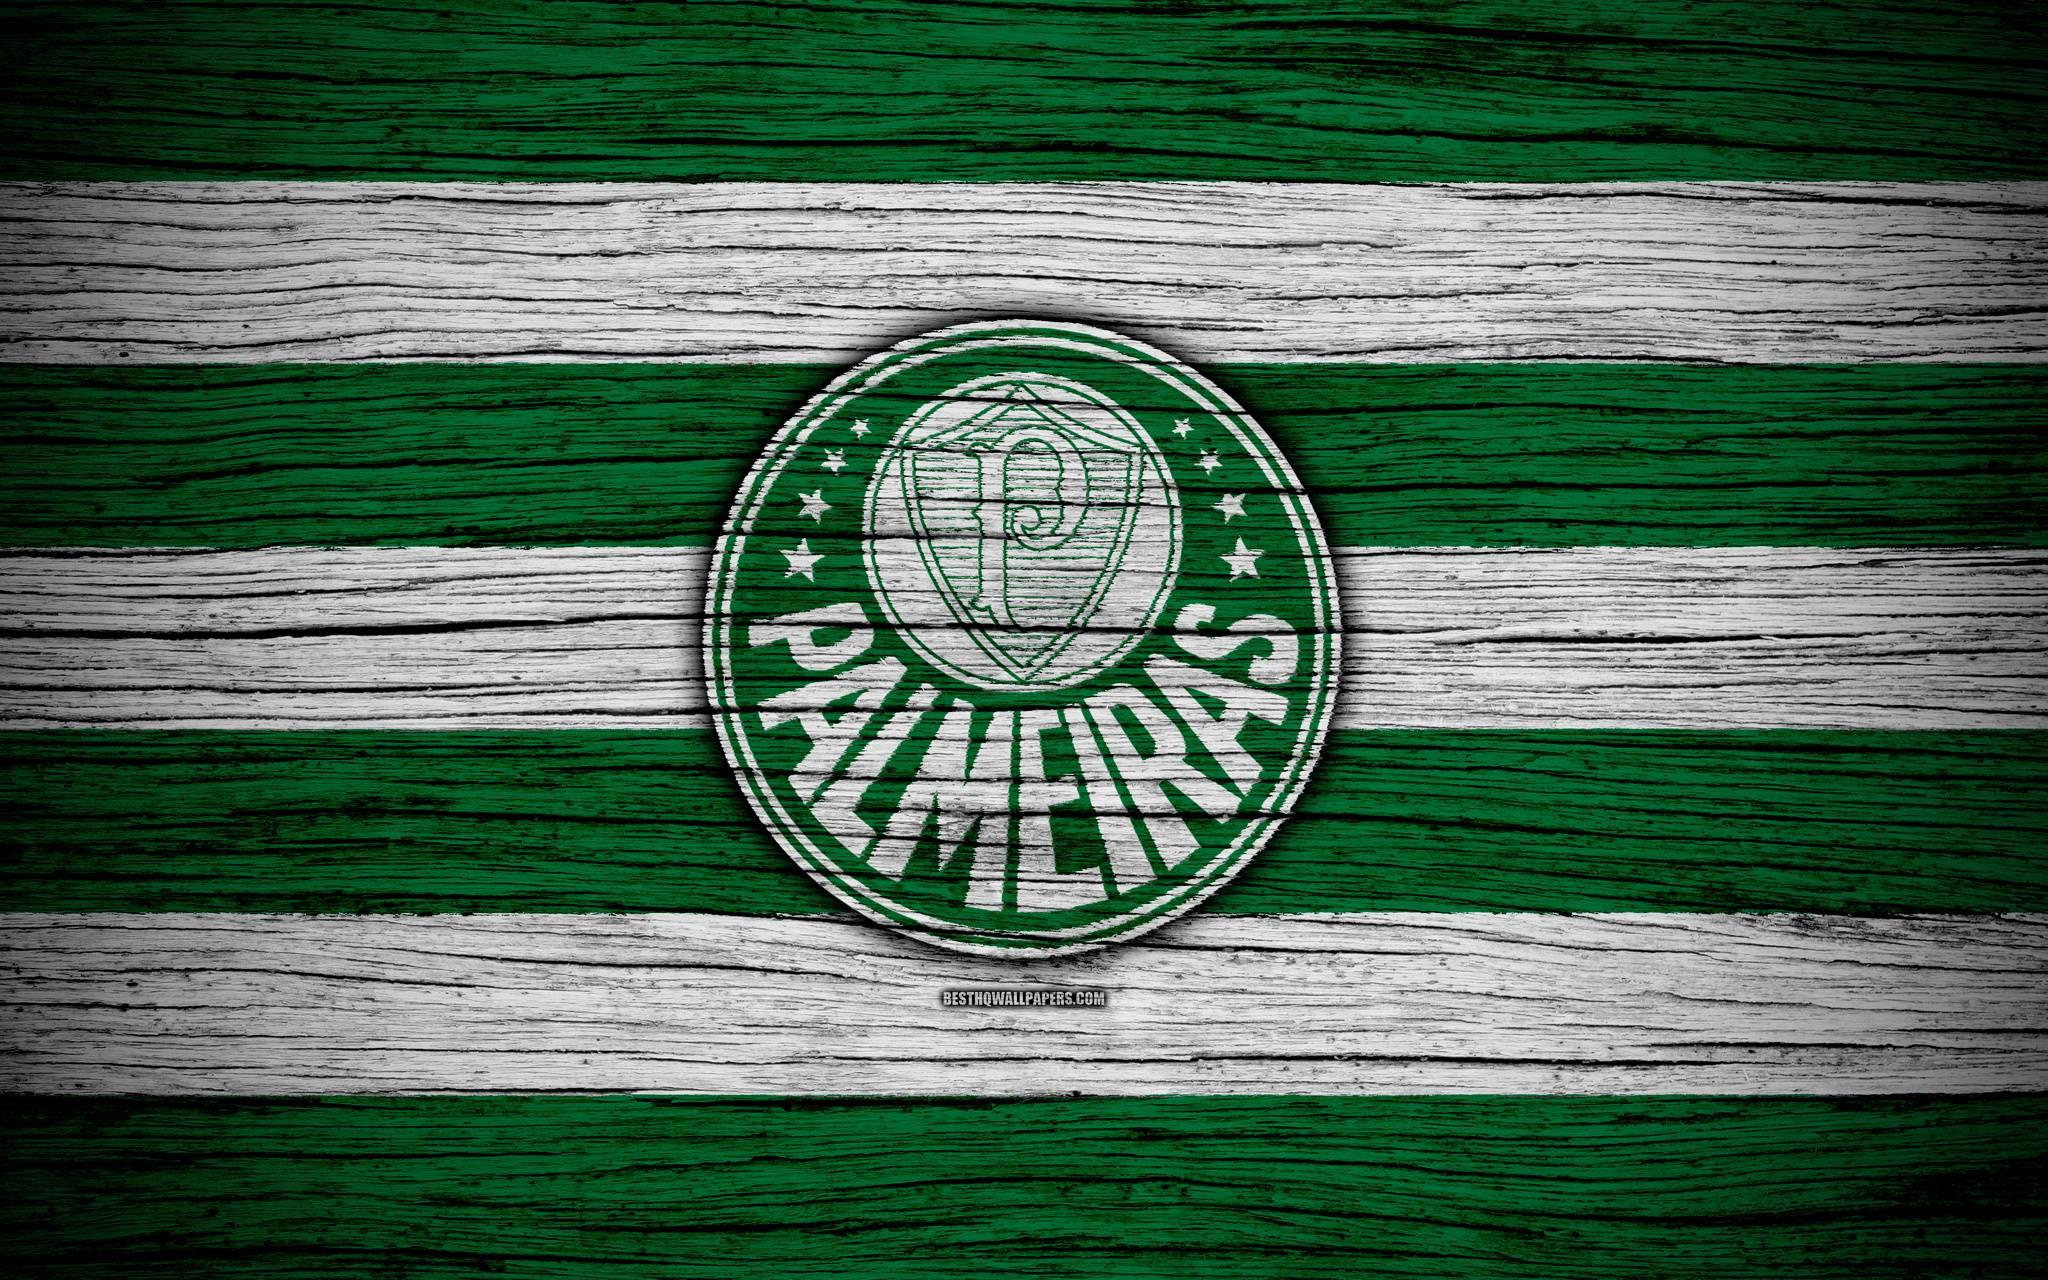 Se Palmeiras